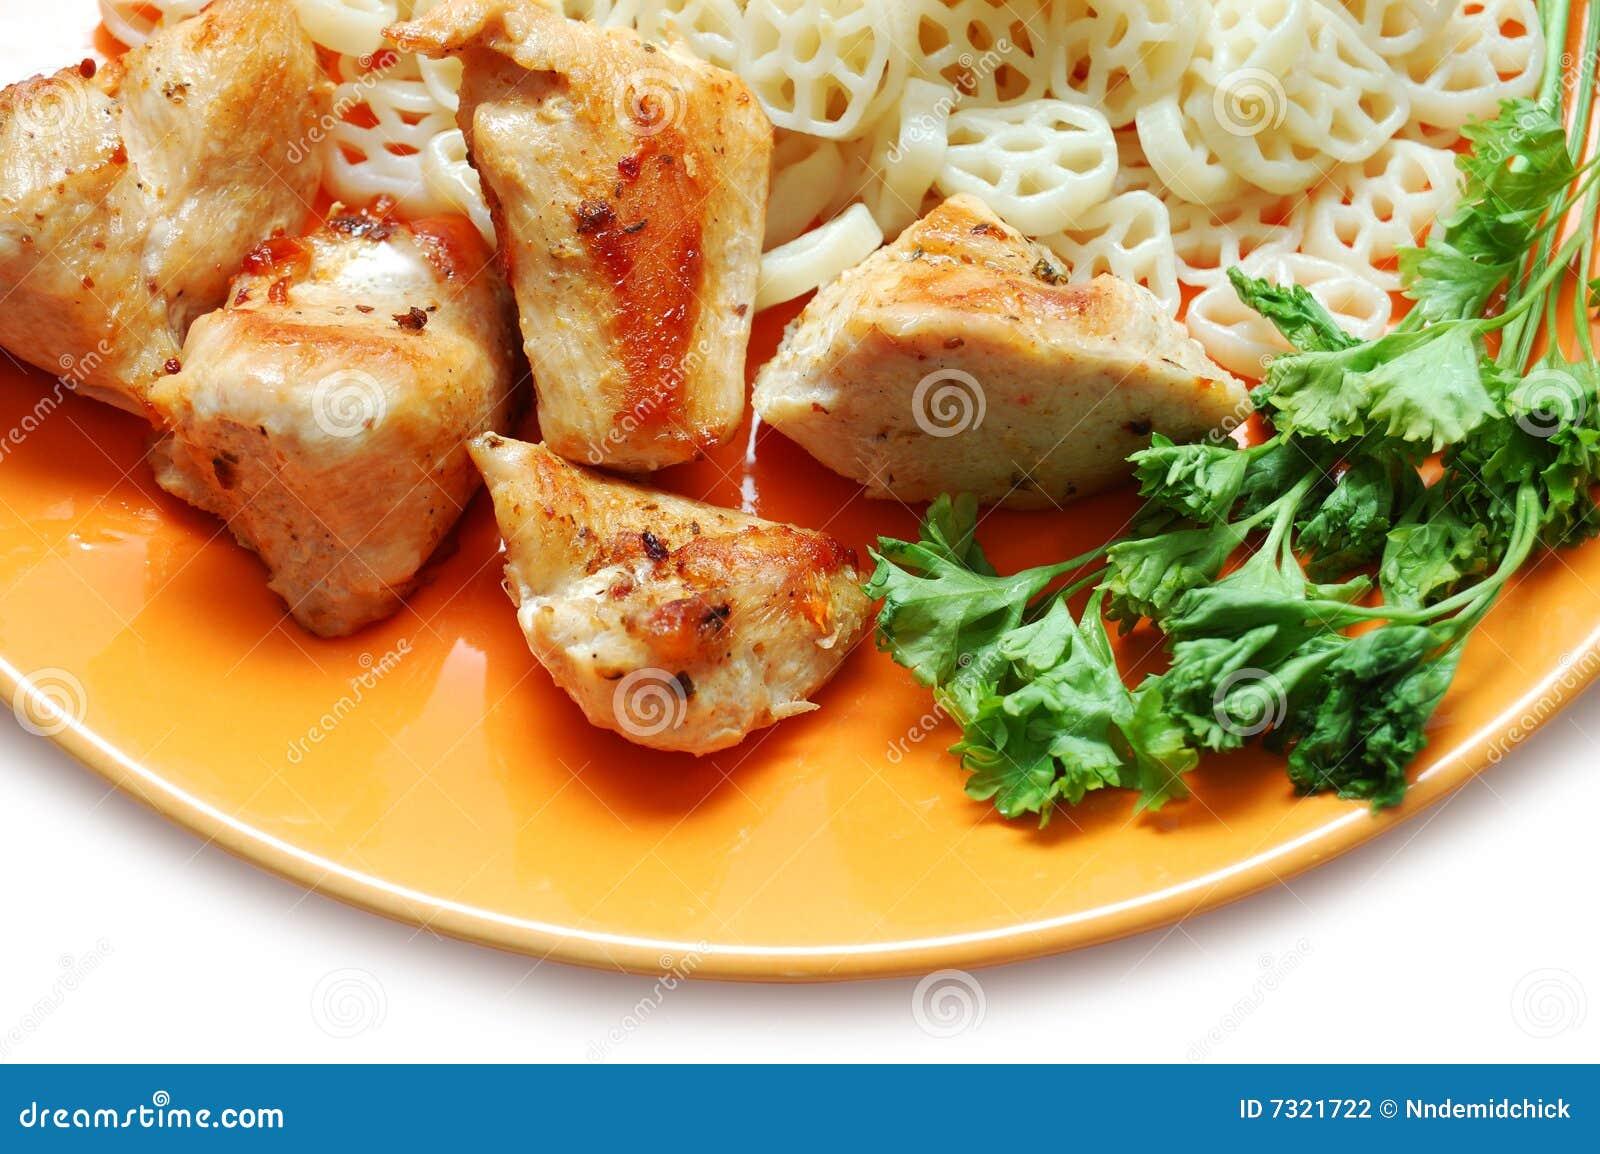 Pollo fritto, pasta e prezzemolo sulla zolla arancione